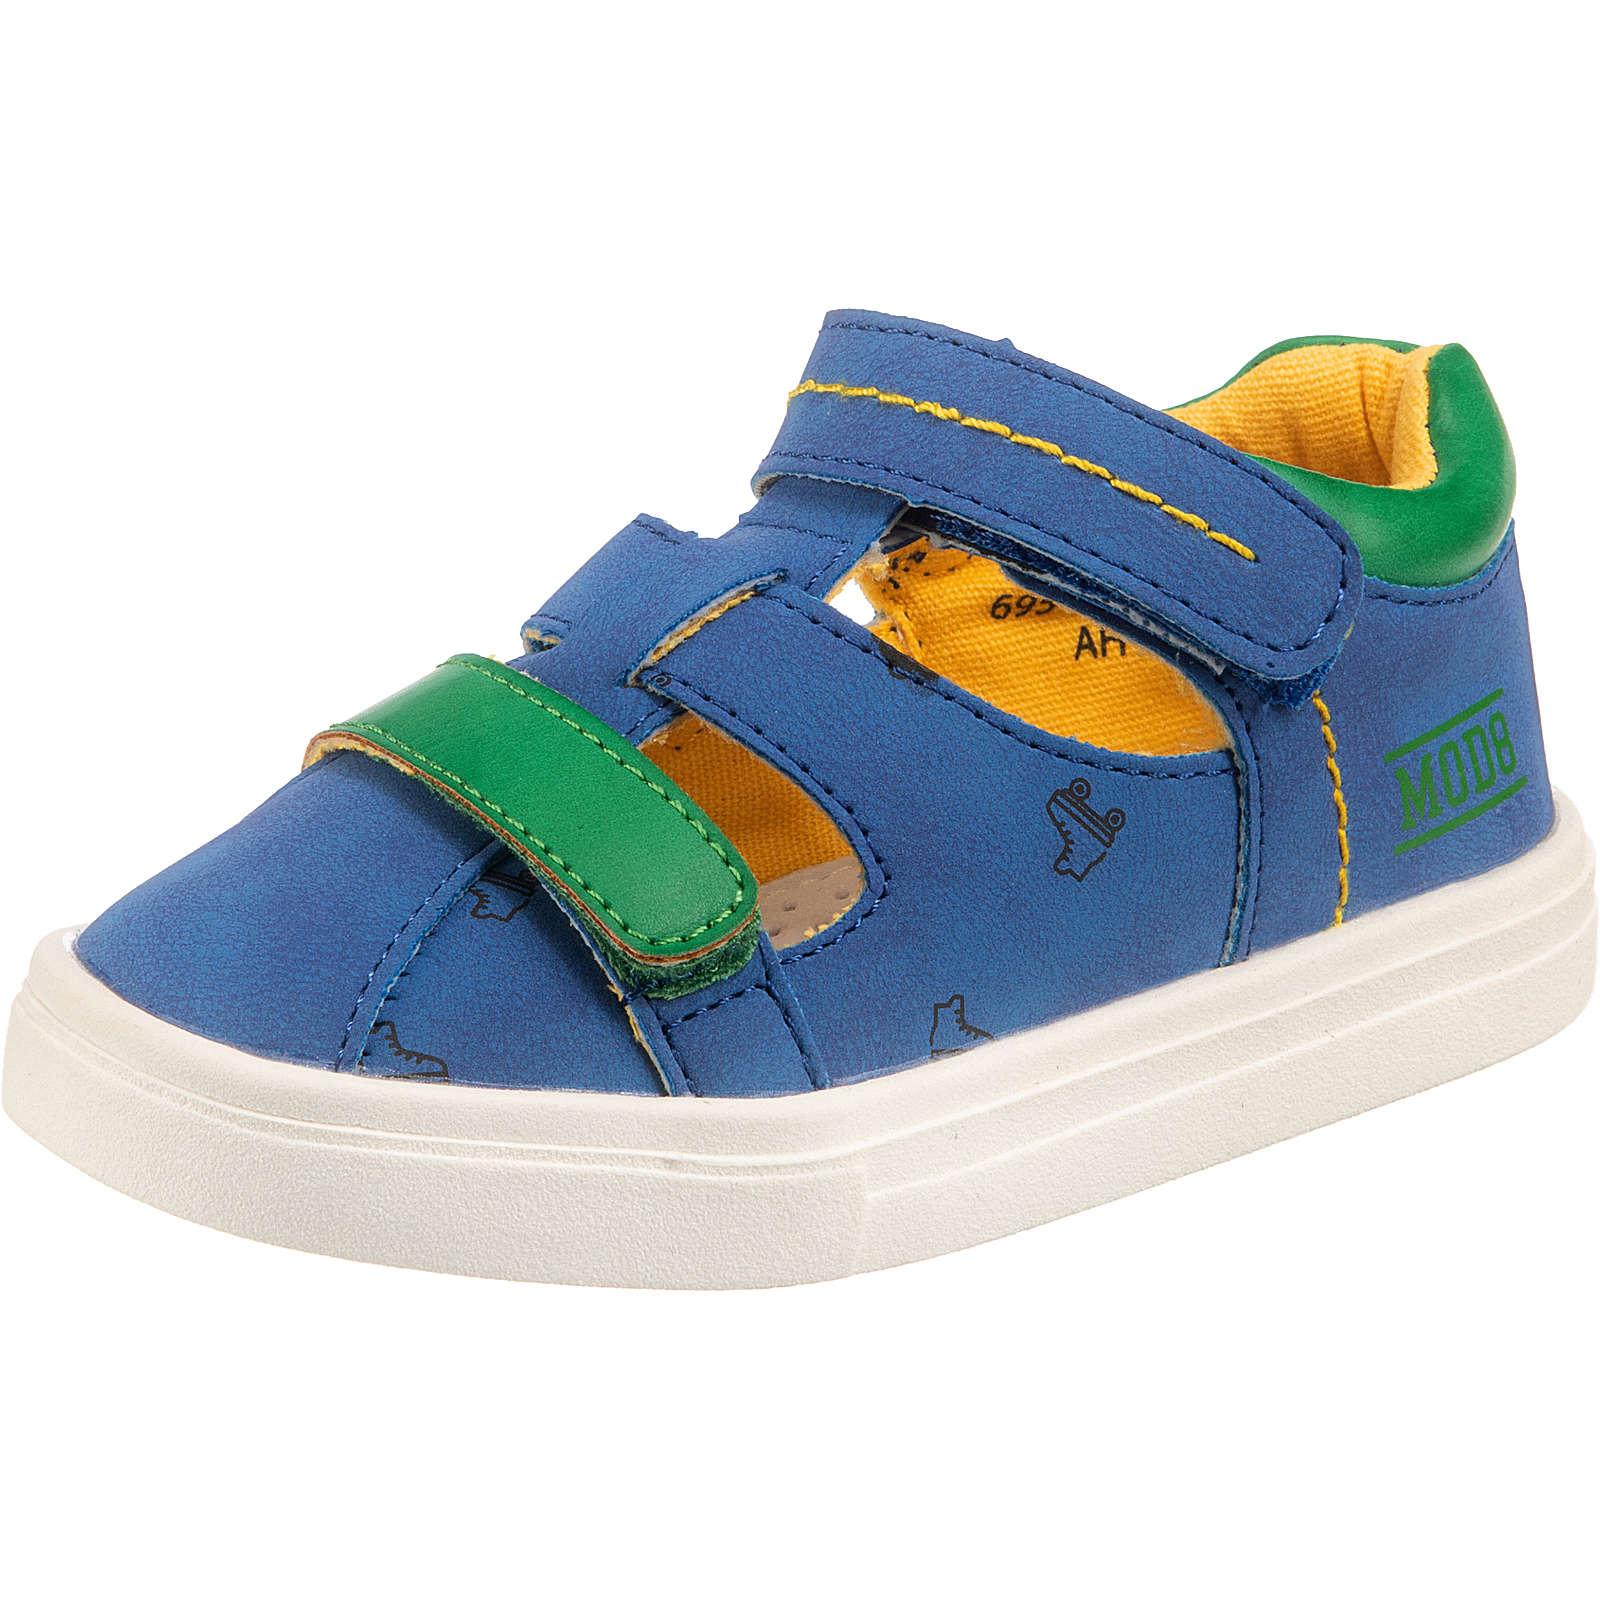 MOD8 Baby Halbschuhe PAULO für Jungen blau/grün Junge Gr. 29